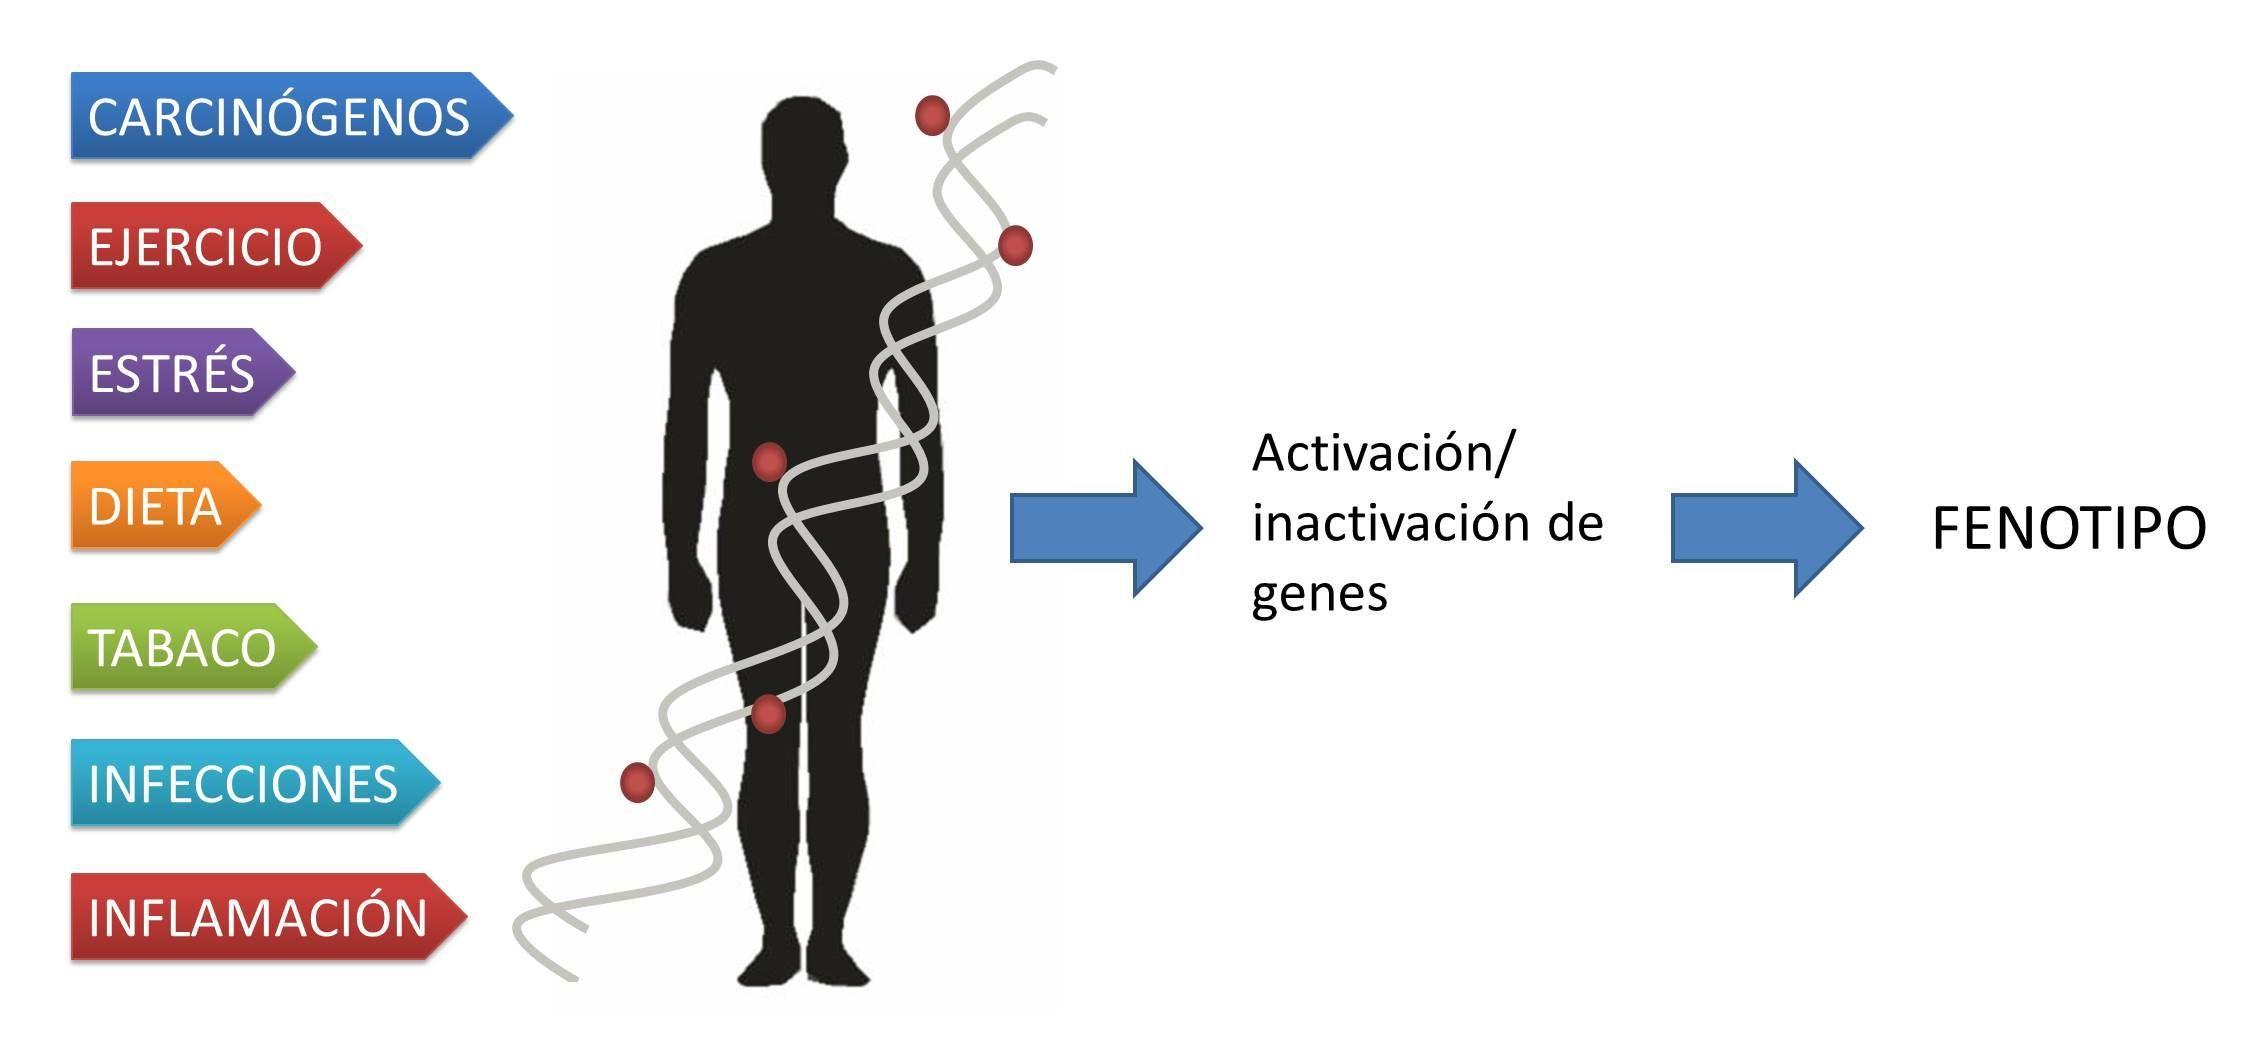 Factores ambientales pueden modificar el estado epigenético e influir en la actividad de los genes.